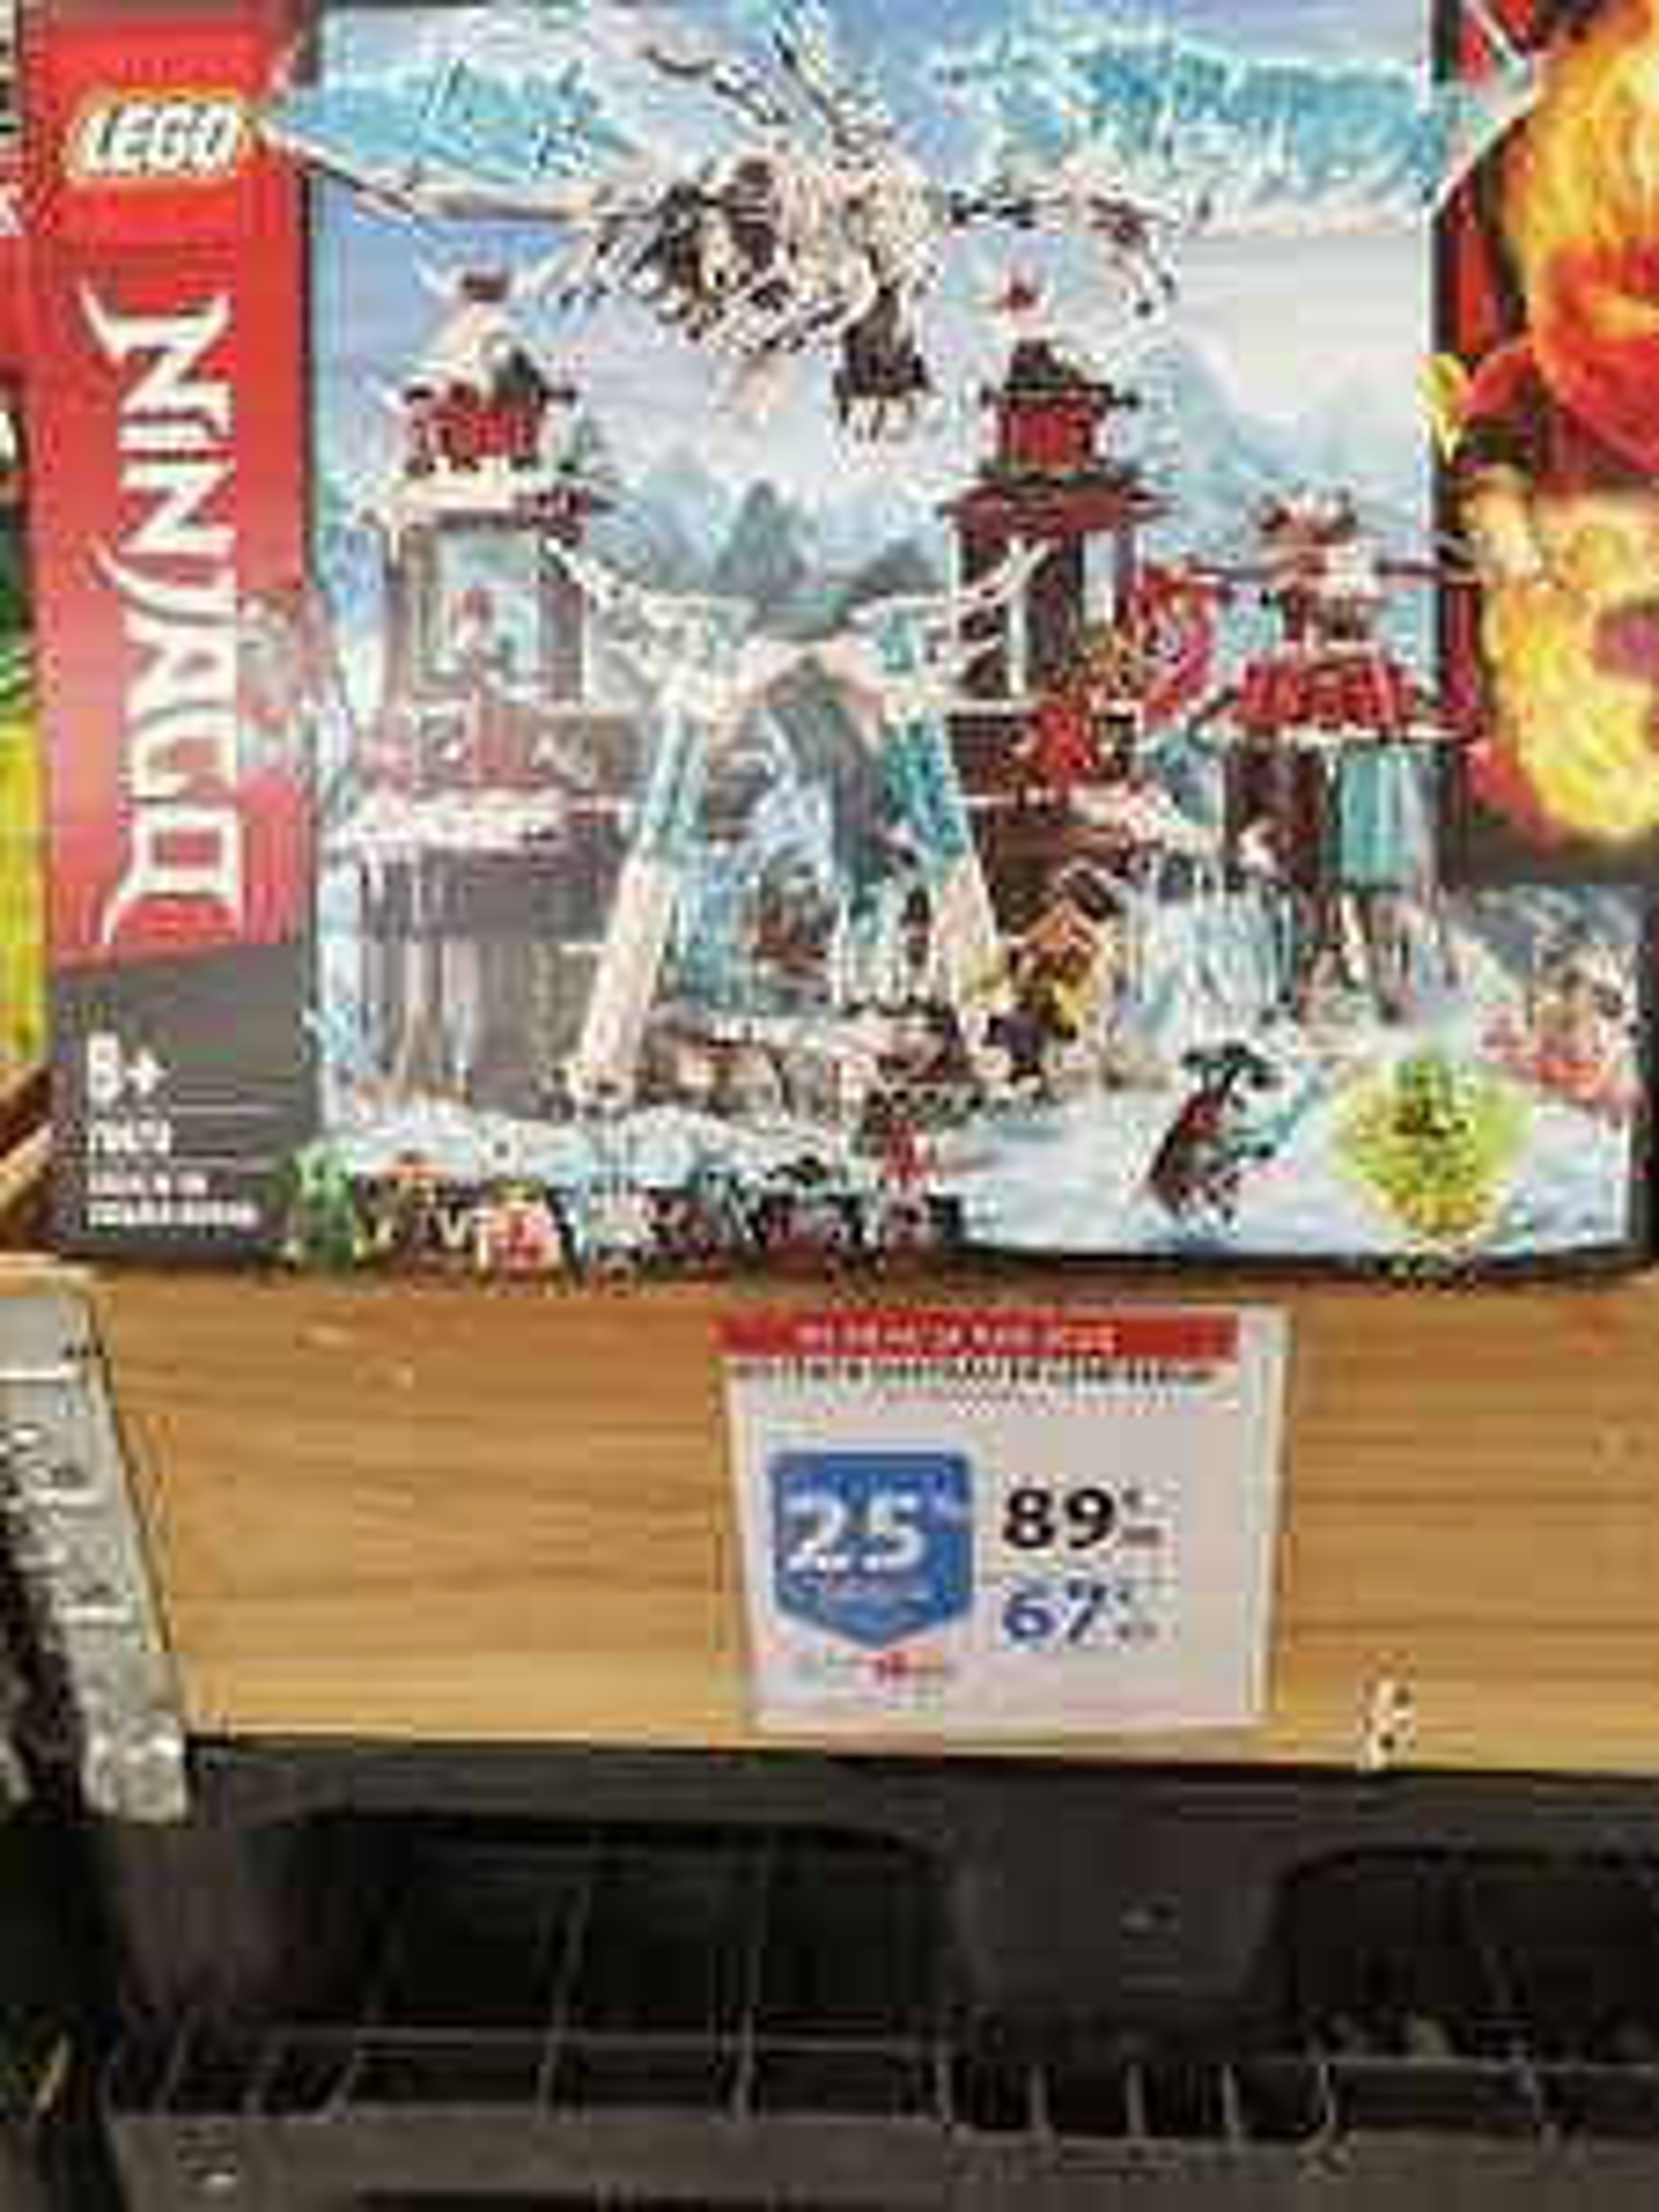 25% offerts sur la carte fidélité sur une sélection de set Lego NinjaGo - Ex: Lego NinjaGo 70678 - Auchan V2 Villeneuve d'Ascq (59)